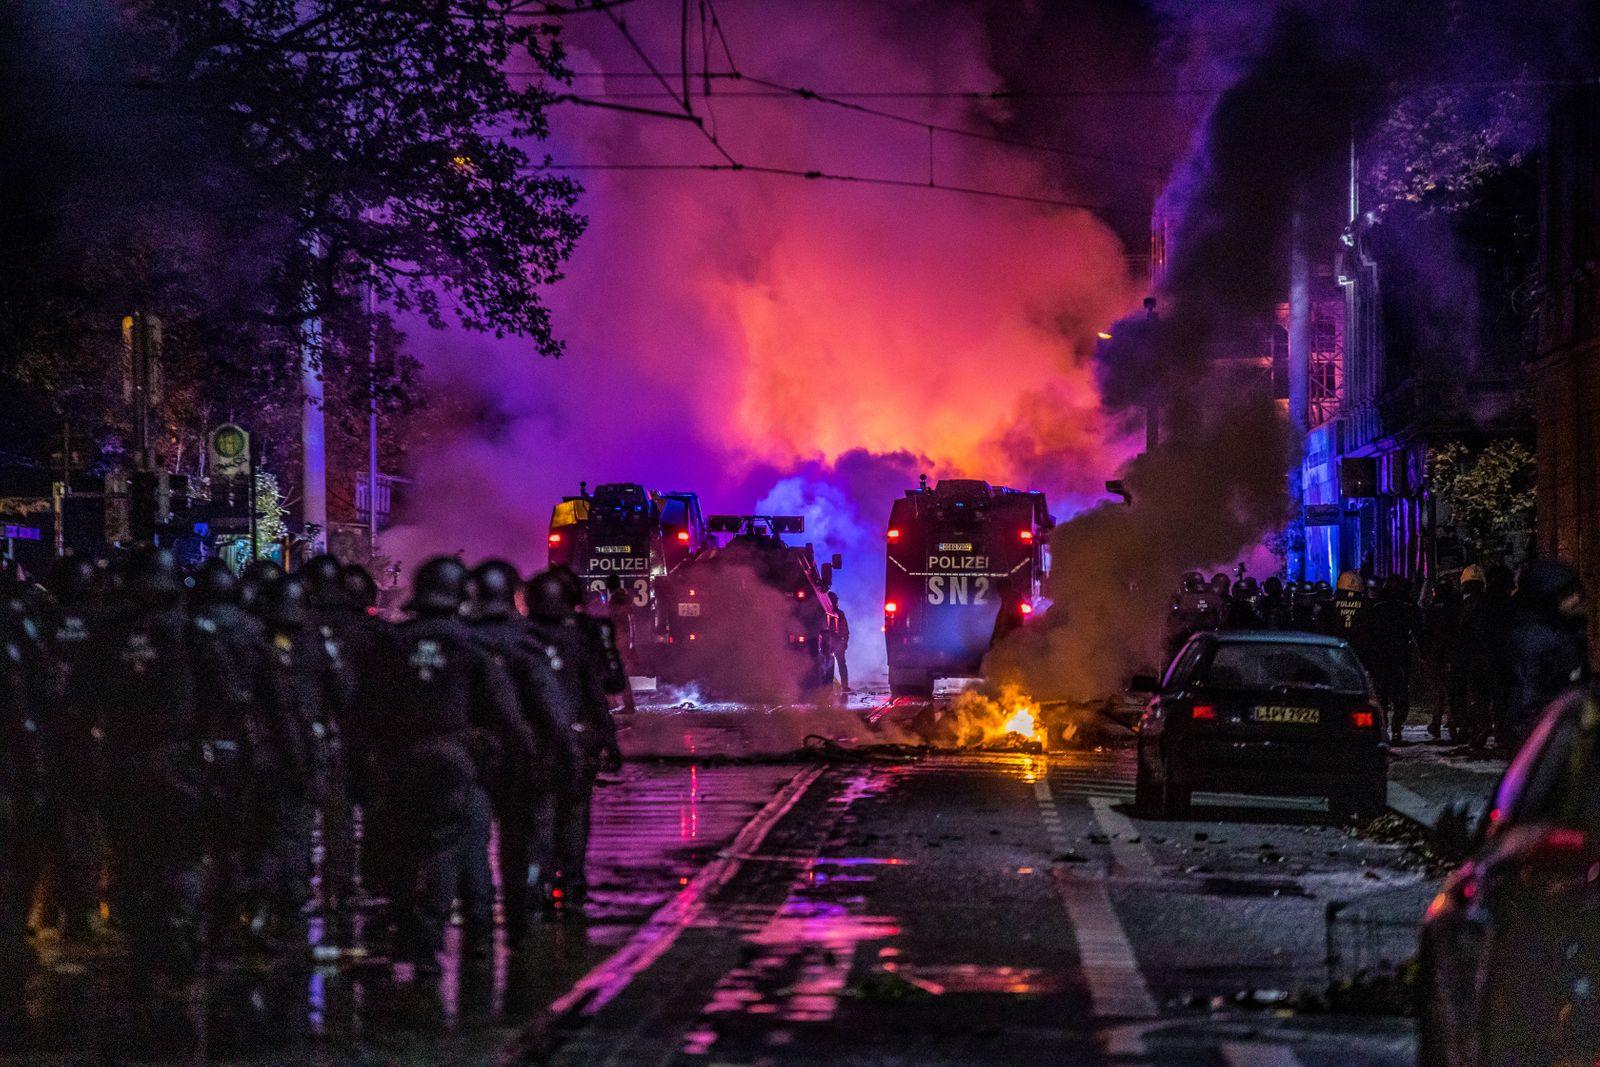 Nach dem es am 7. November 2020 zu einer Demonstration der Bewegung Querdenken im Leipziger Zentrum kam, zogen ca. 1000